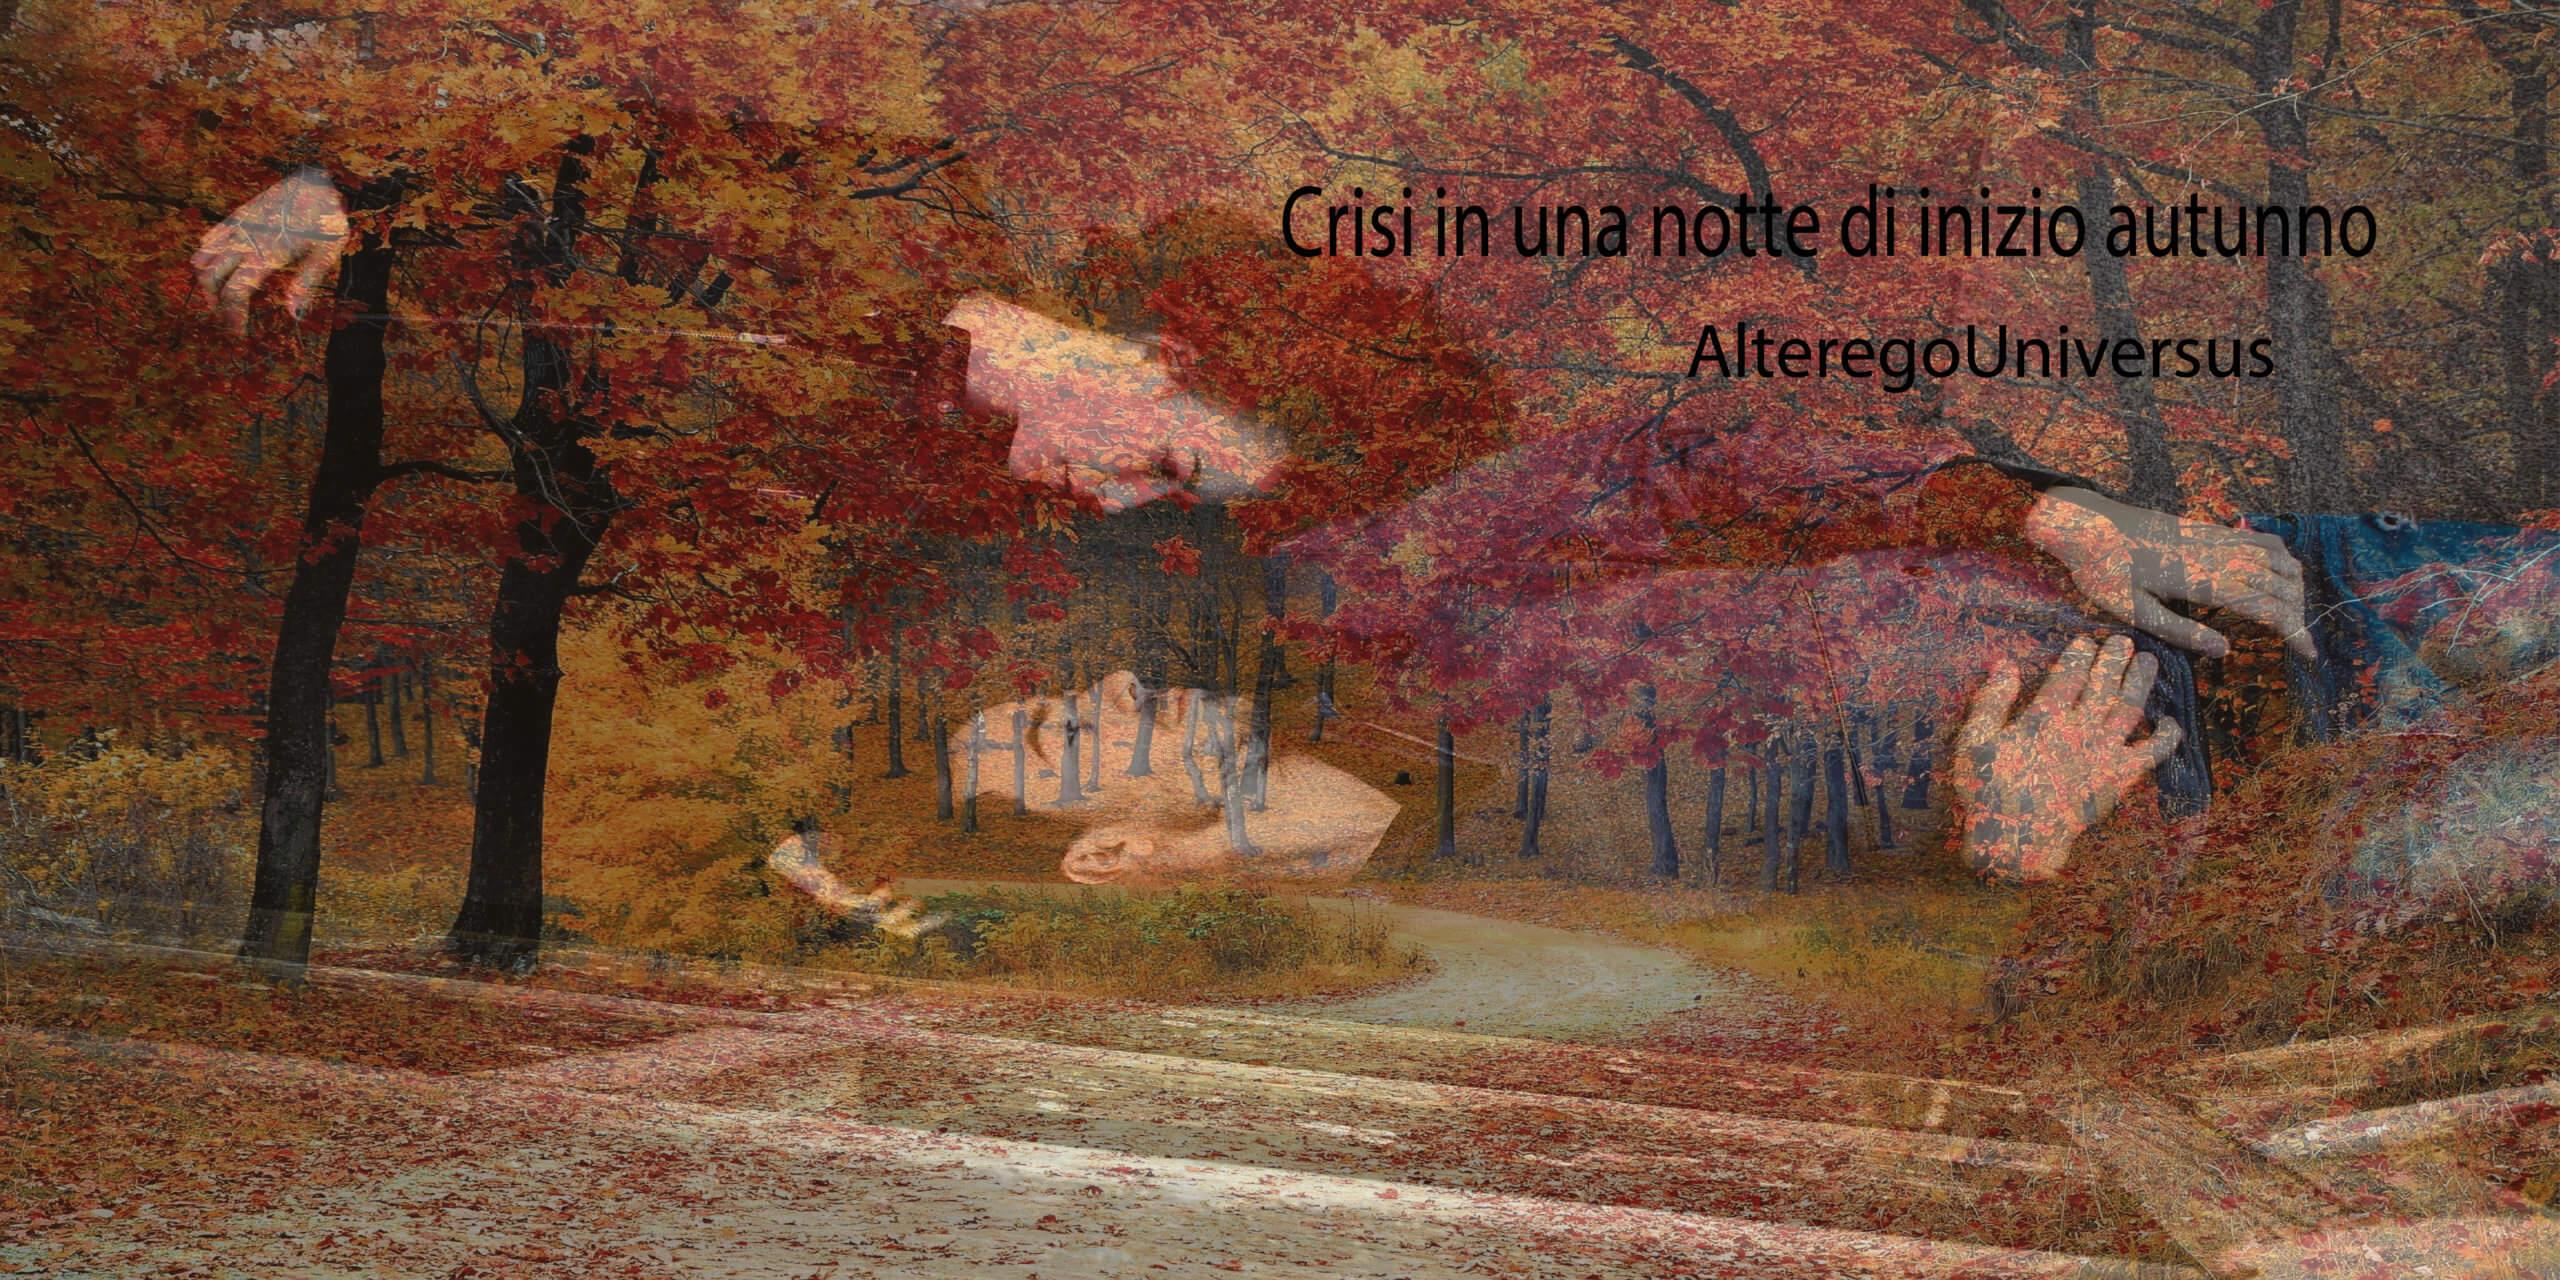 Racconto   Crisi in una notte di inizio autunno